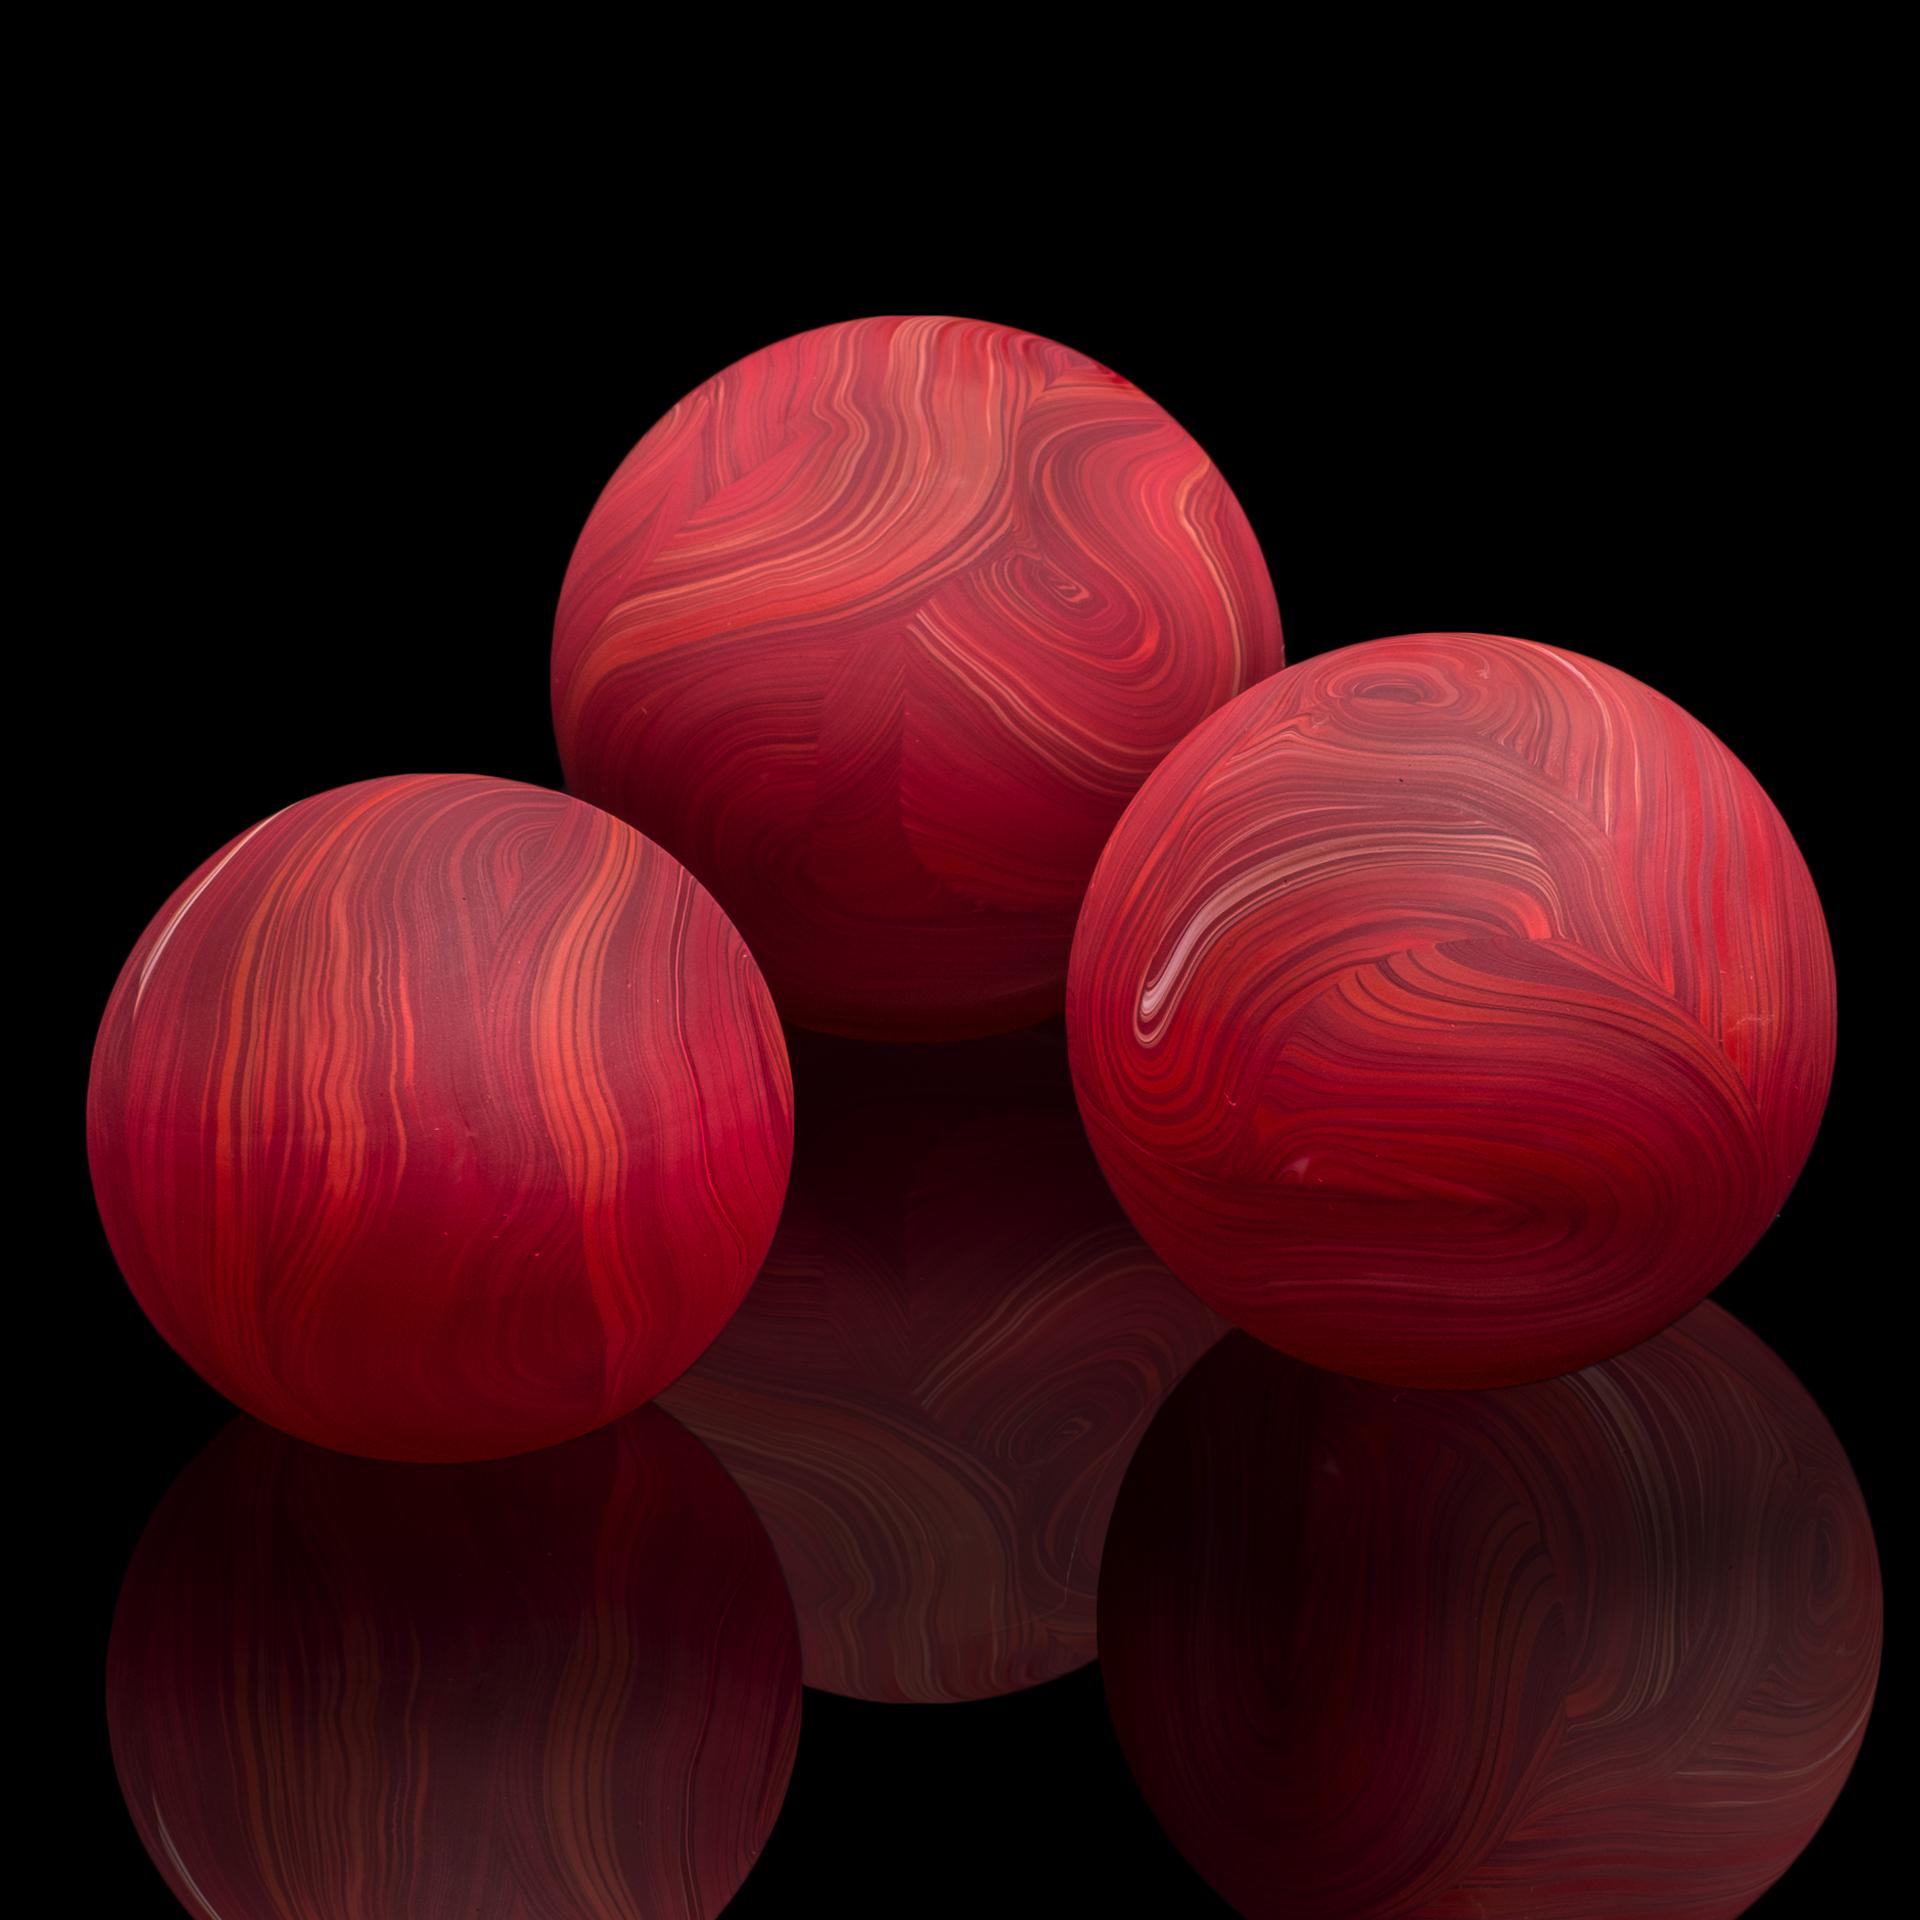 marbleagates.jpg